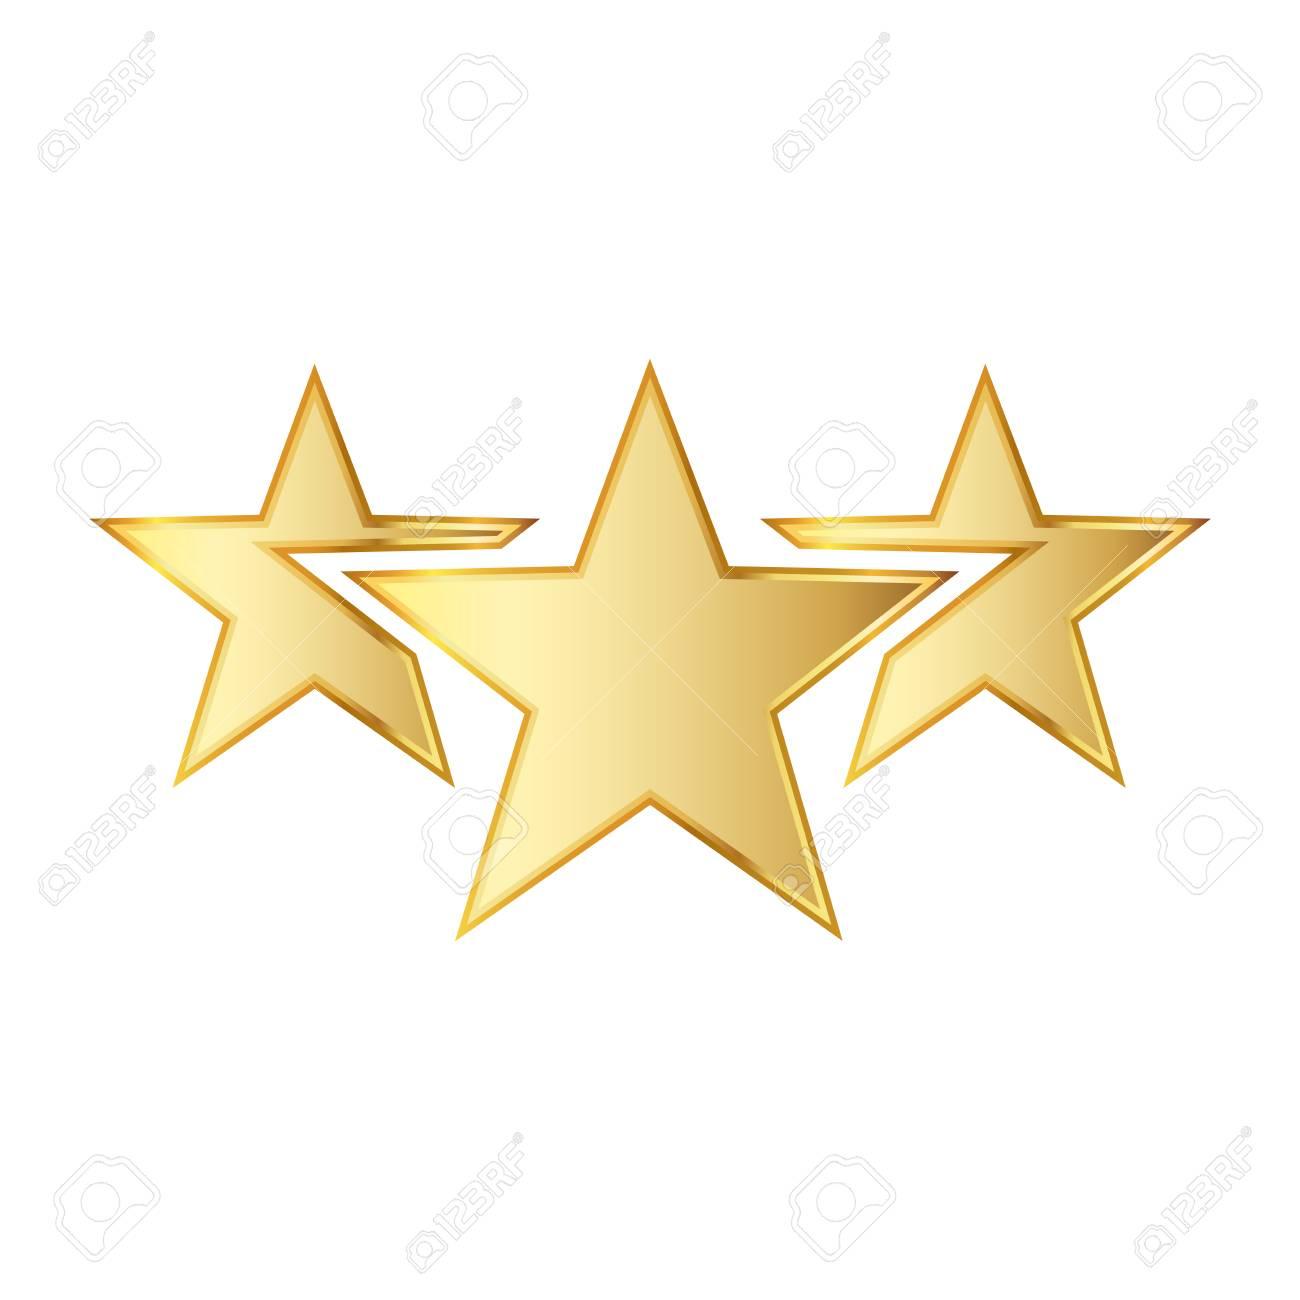 金色の星のアイコン。イラスト。白い背景の上の 3 つの金色の星